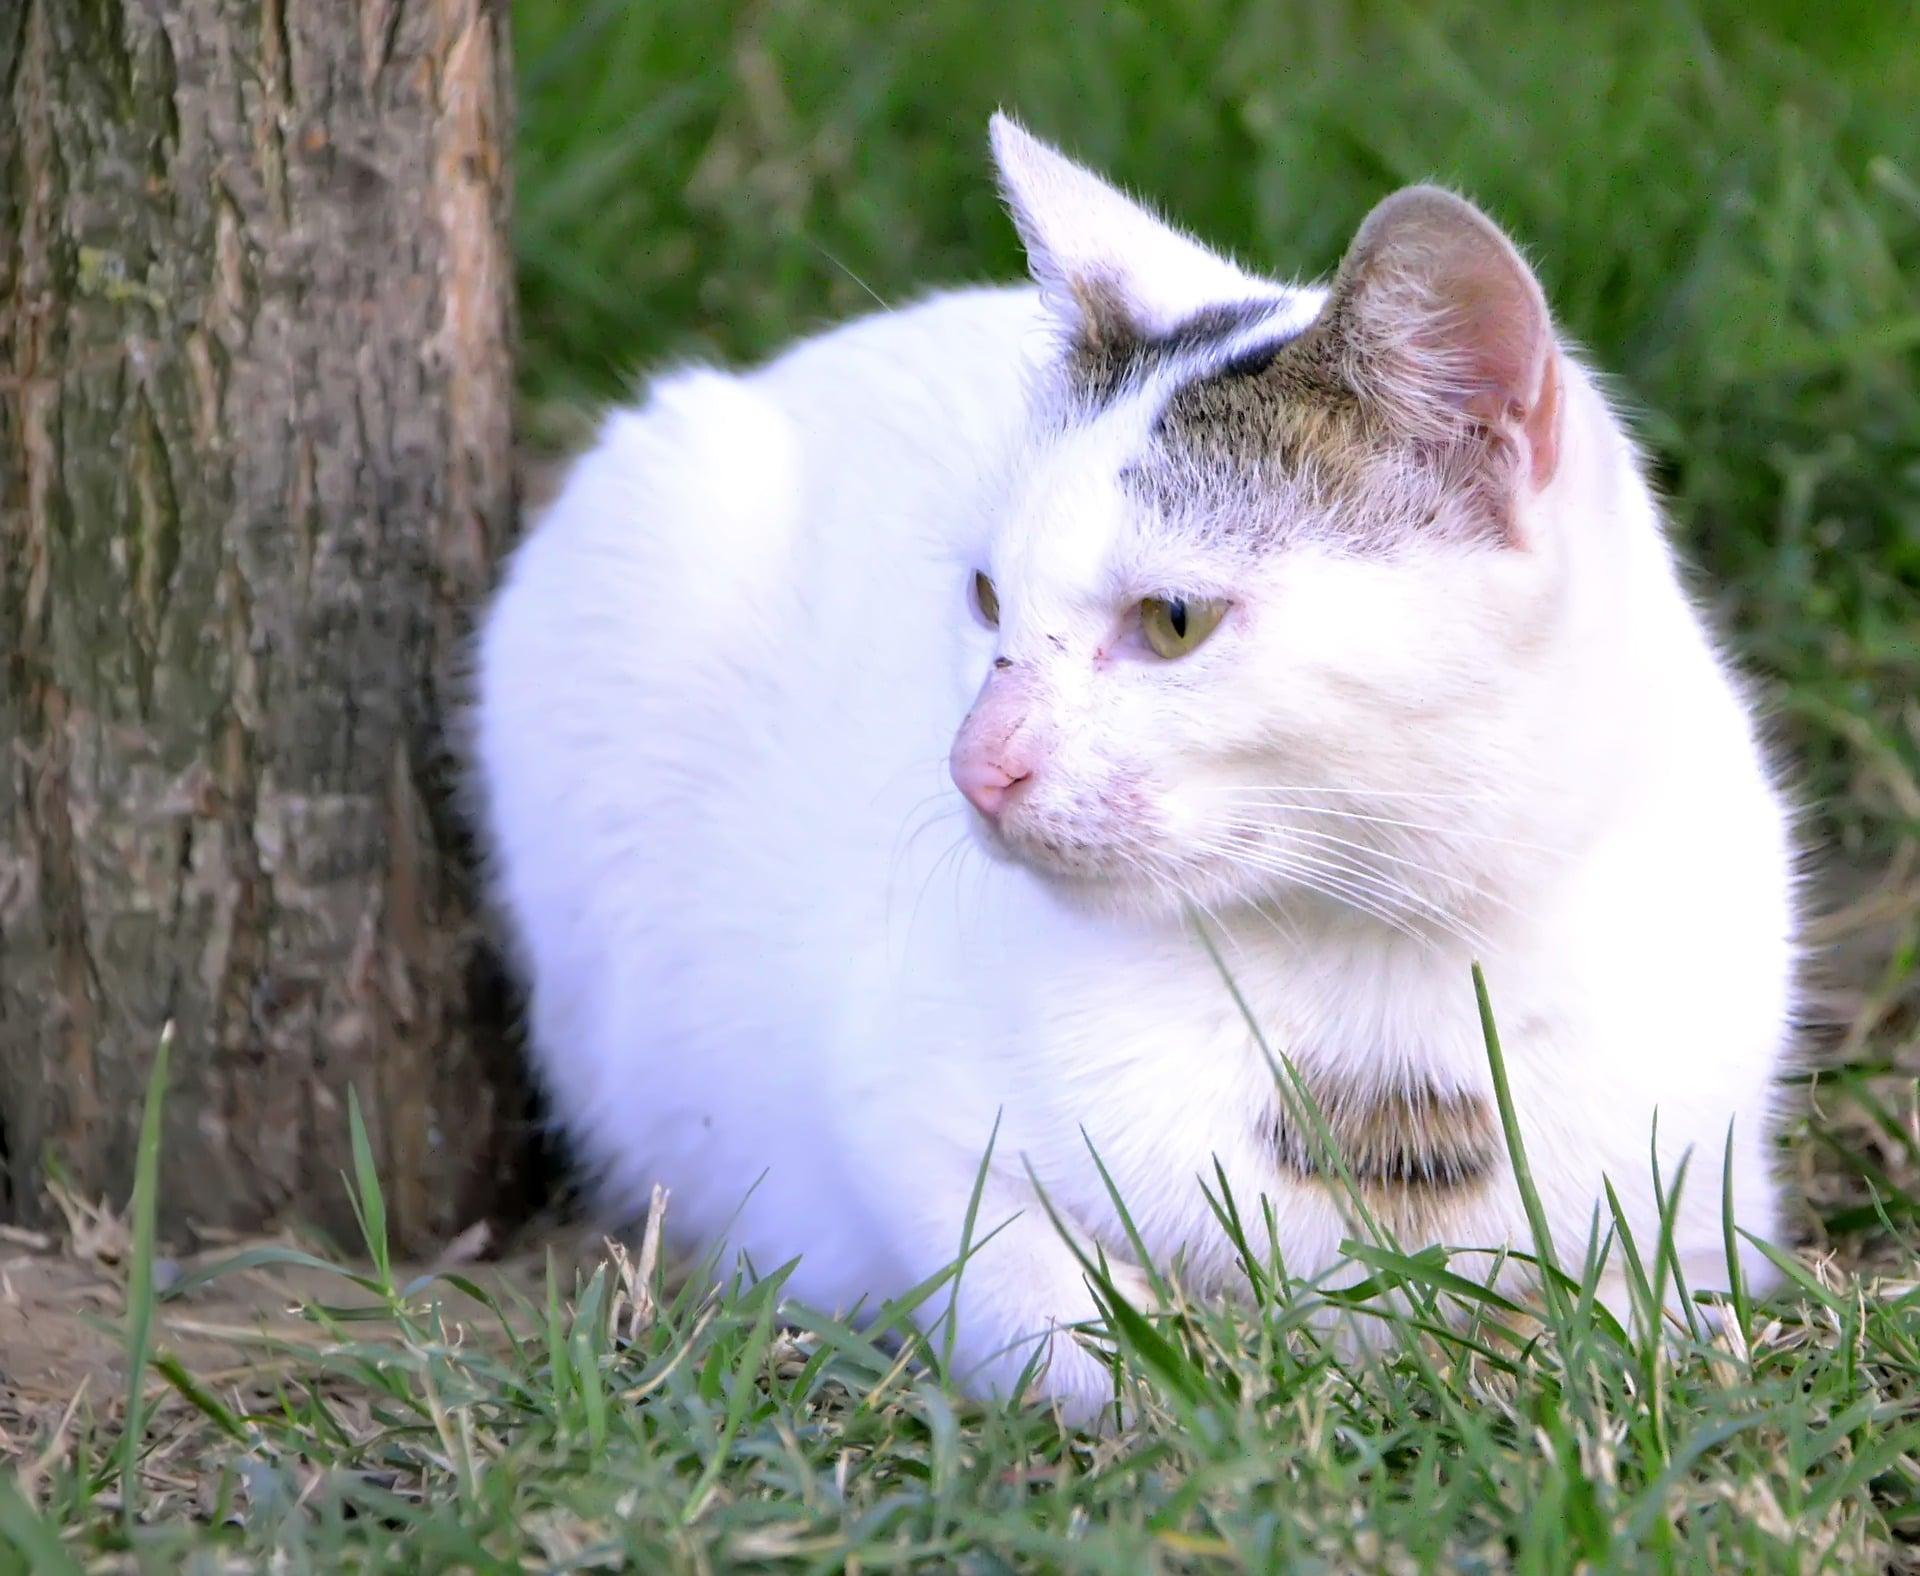 Las gatas embarazadas deben comer pienso rico en proteínas